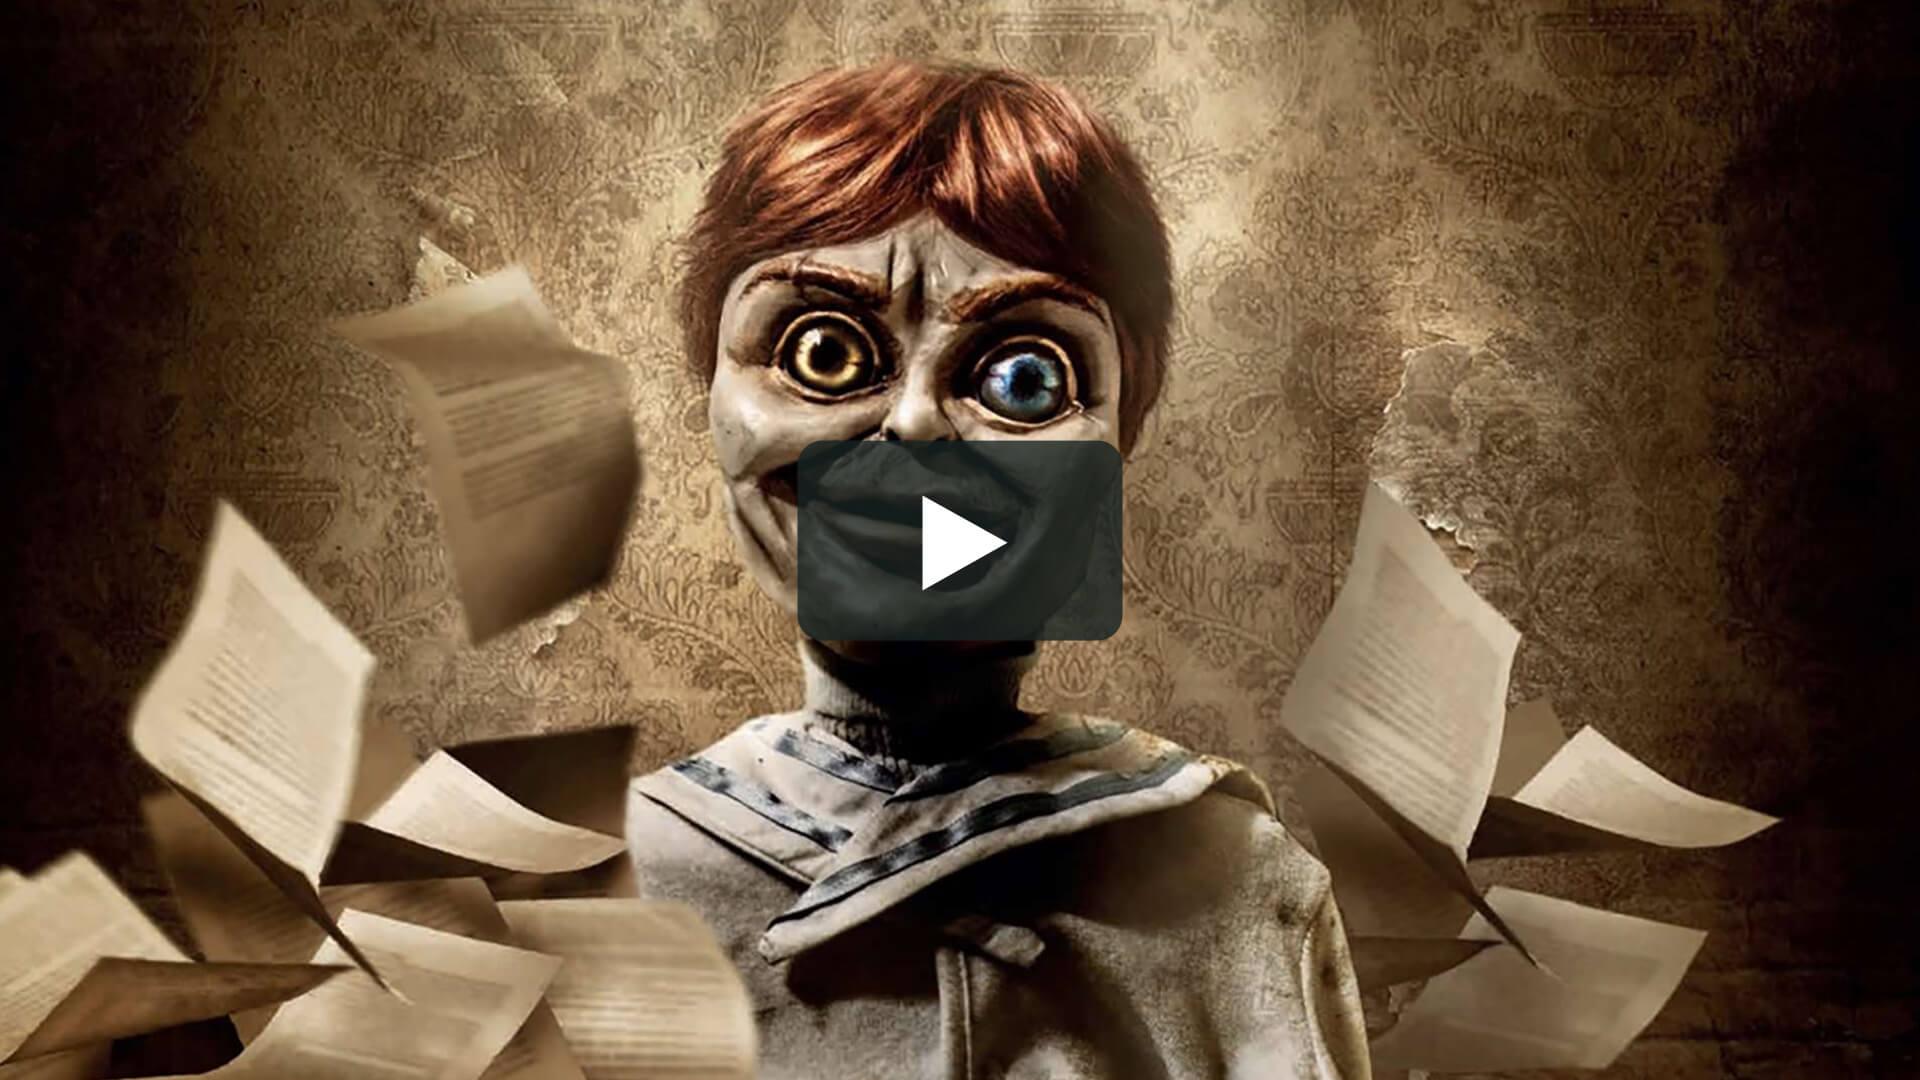 The Revenge of Robert the Doll - 羅伯特玩偶的複仇